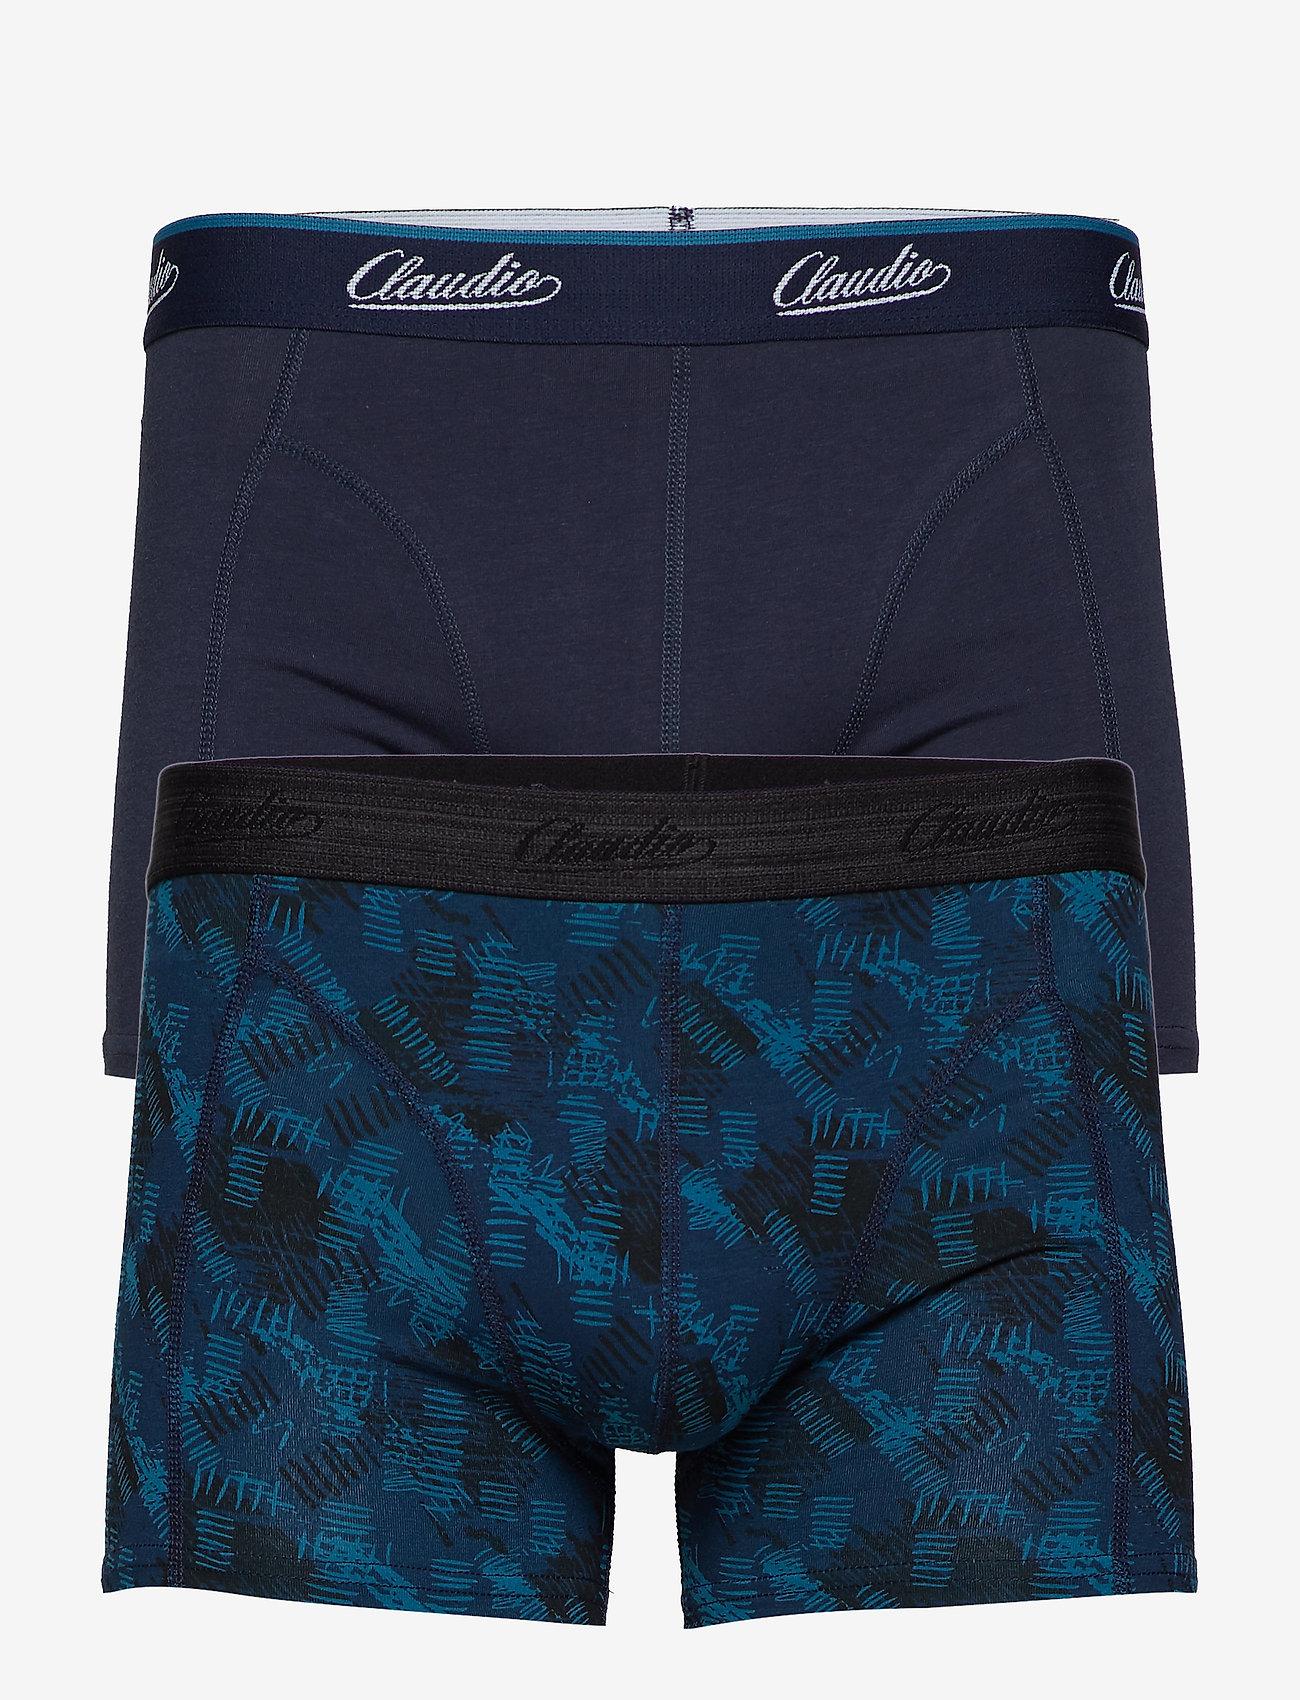 Claudio - Claudio trunk 2-pack - boxershortser - navy+aop - 0